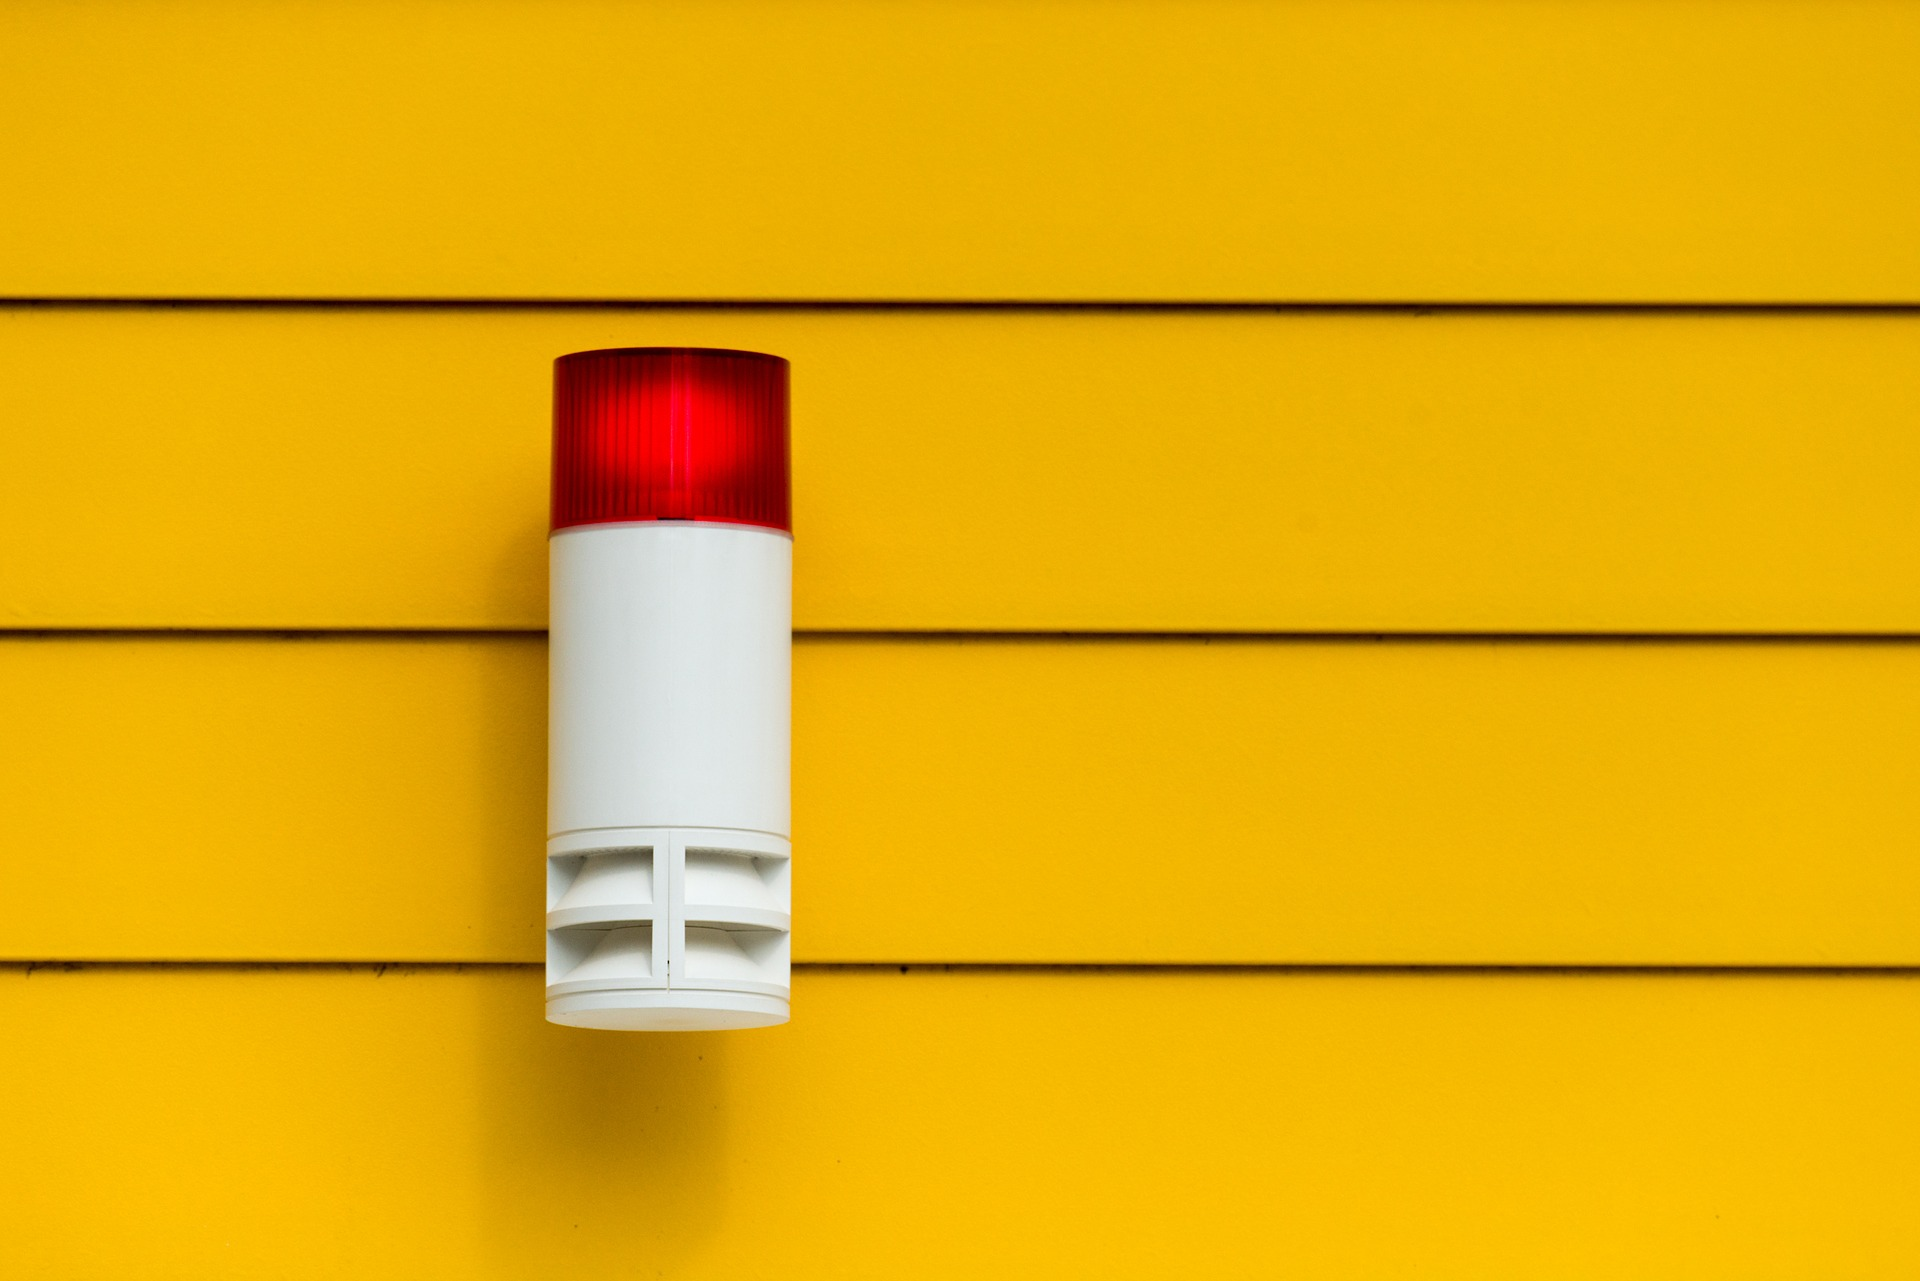 Comment installer une alarme à la maison ?